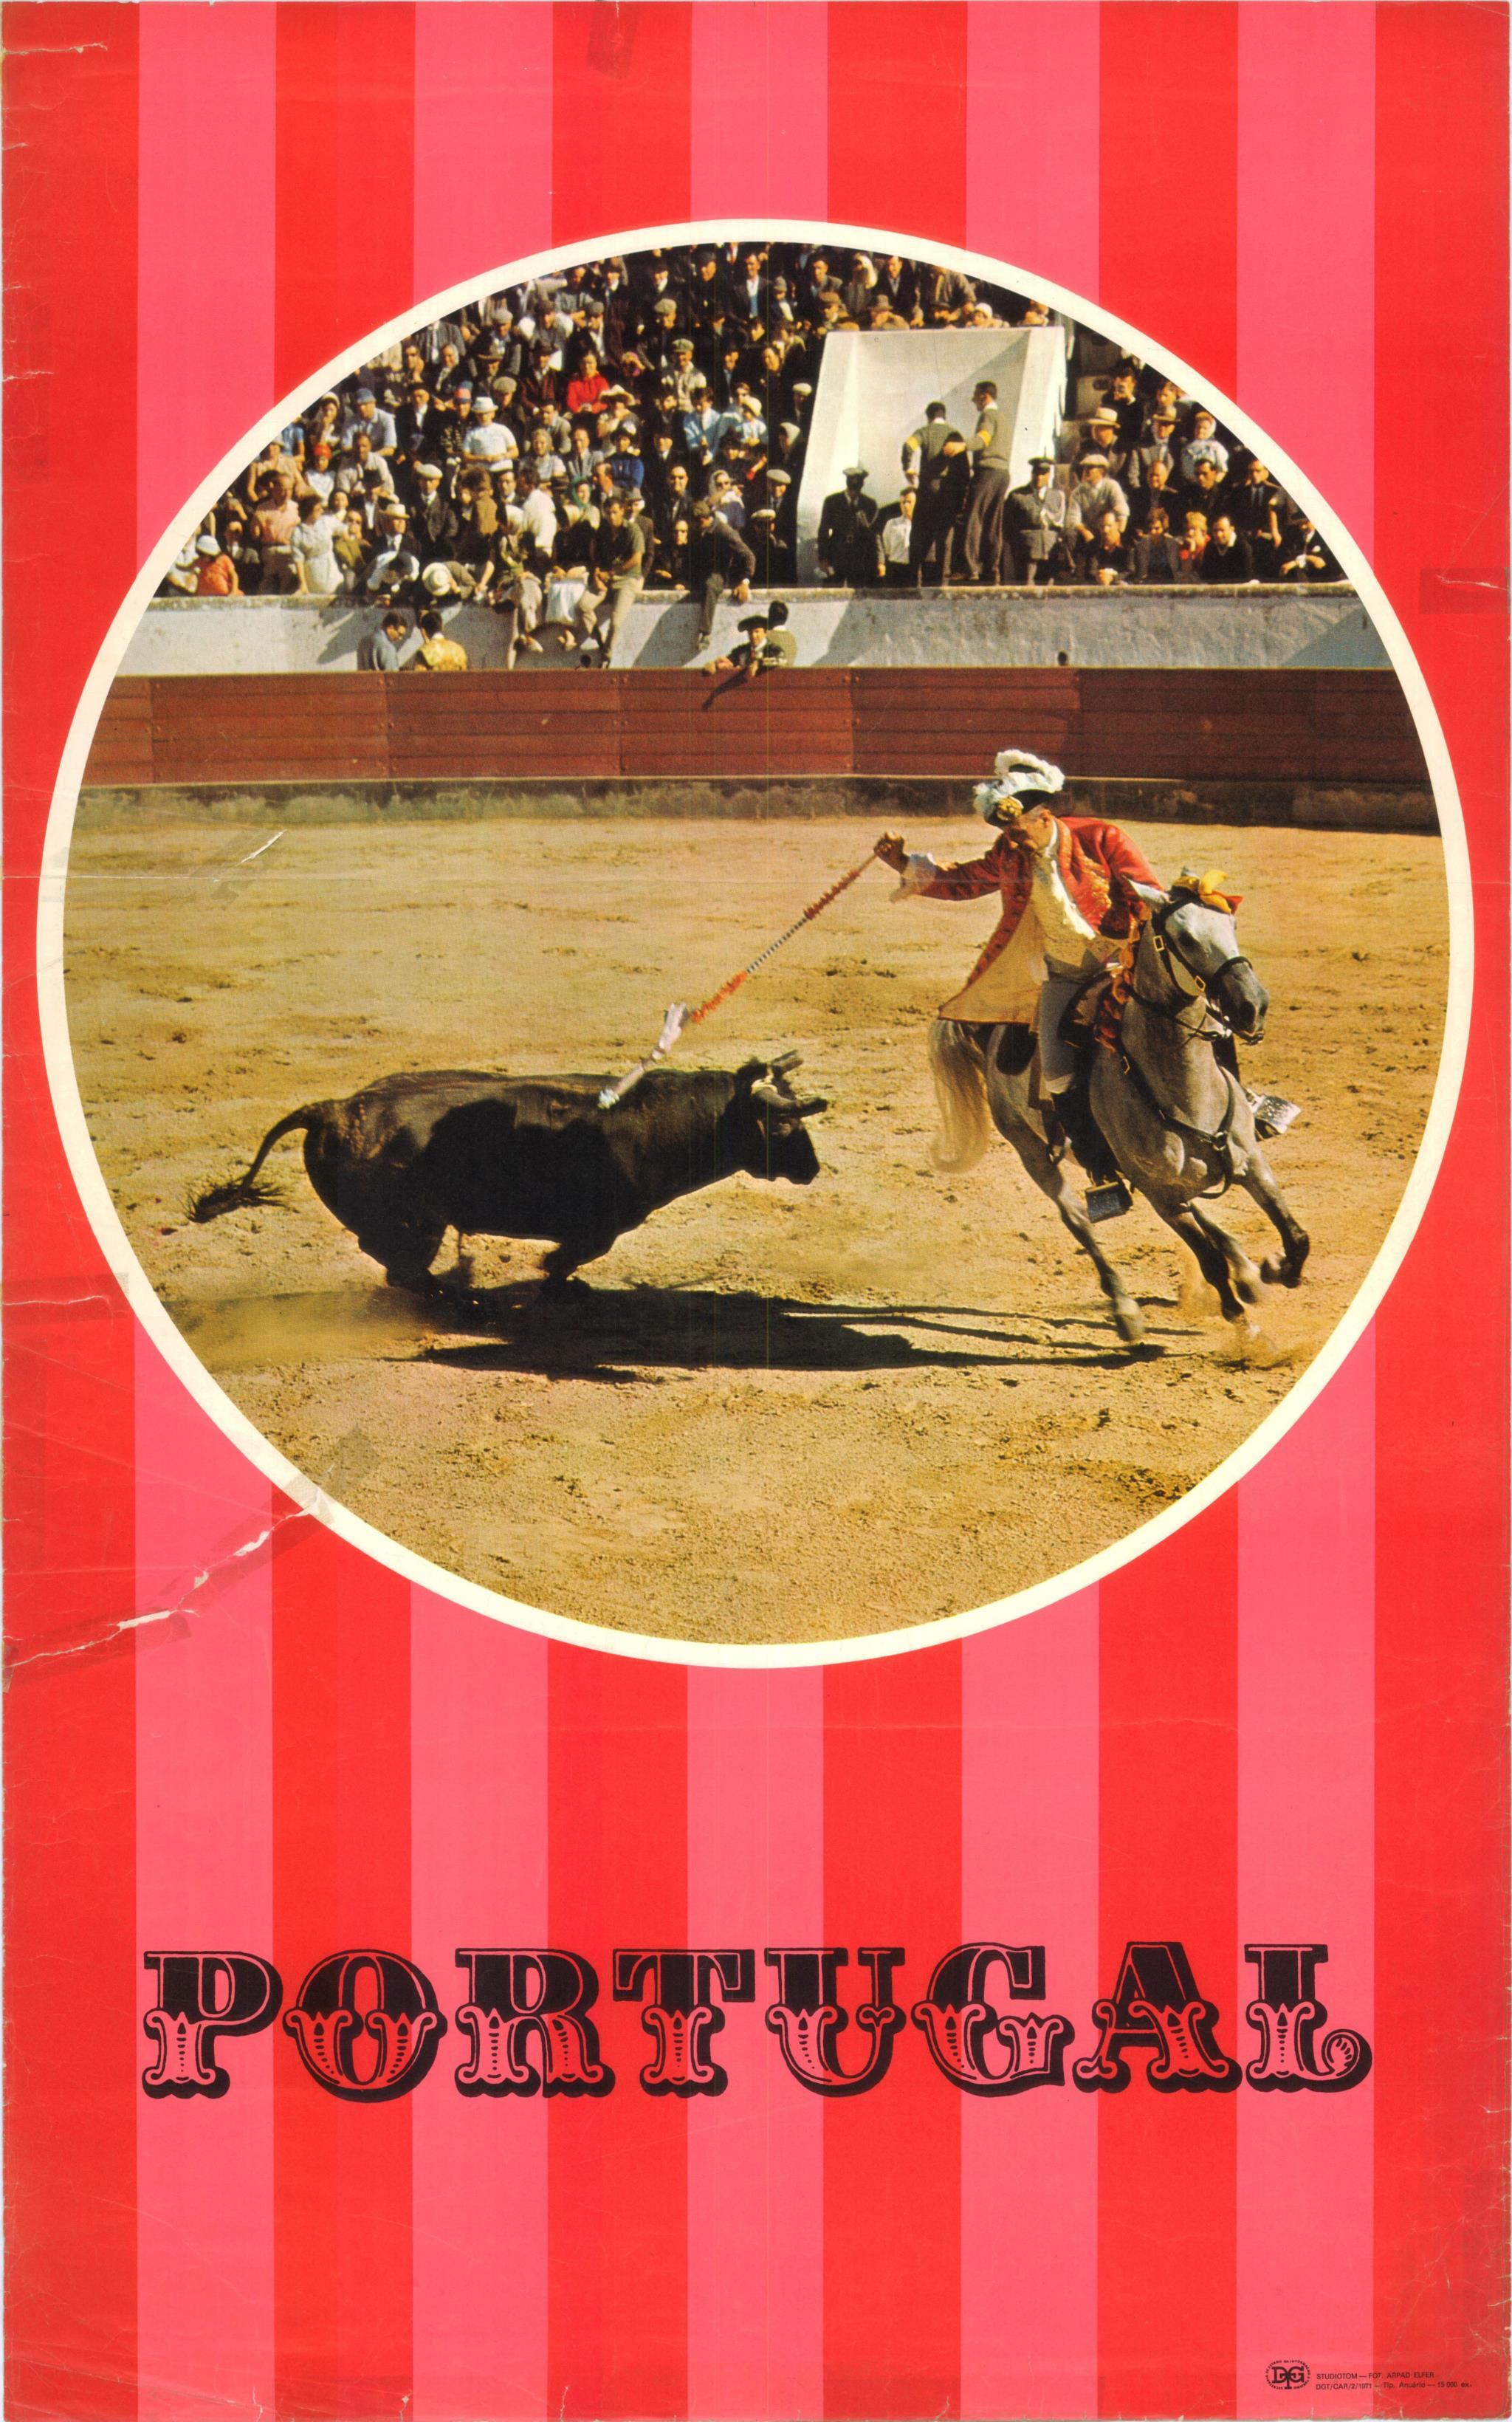 PÚBLICO - Cartaz de 1971 relativo a corridas de touros, produzido pela Direcção-Geral do Turismo